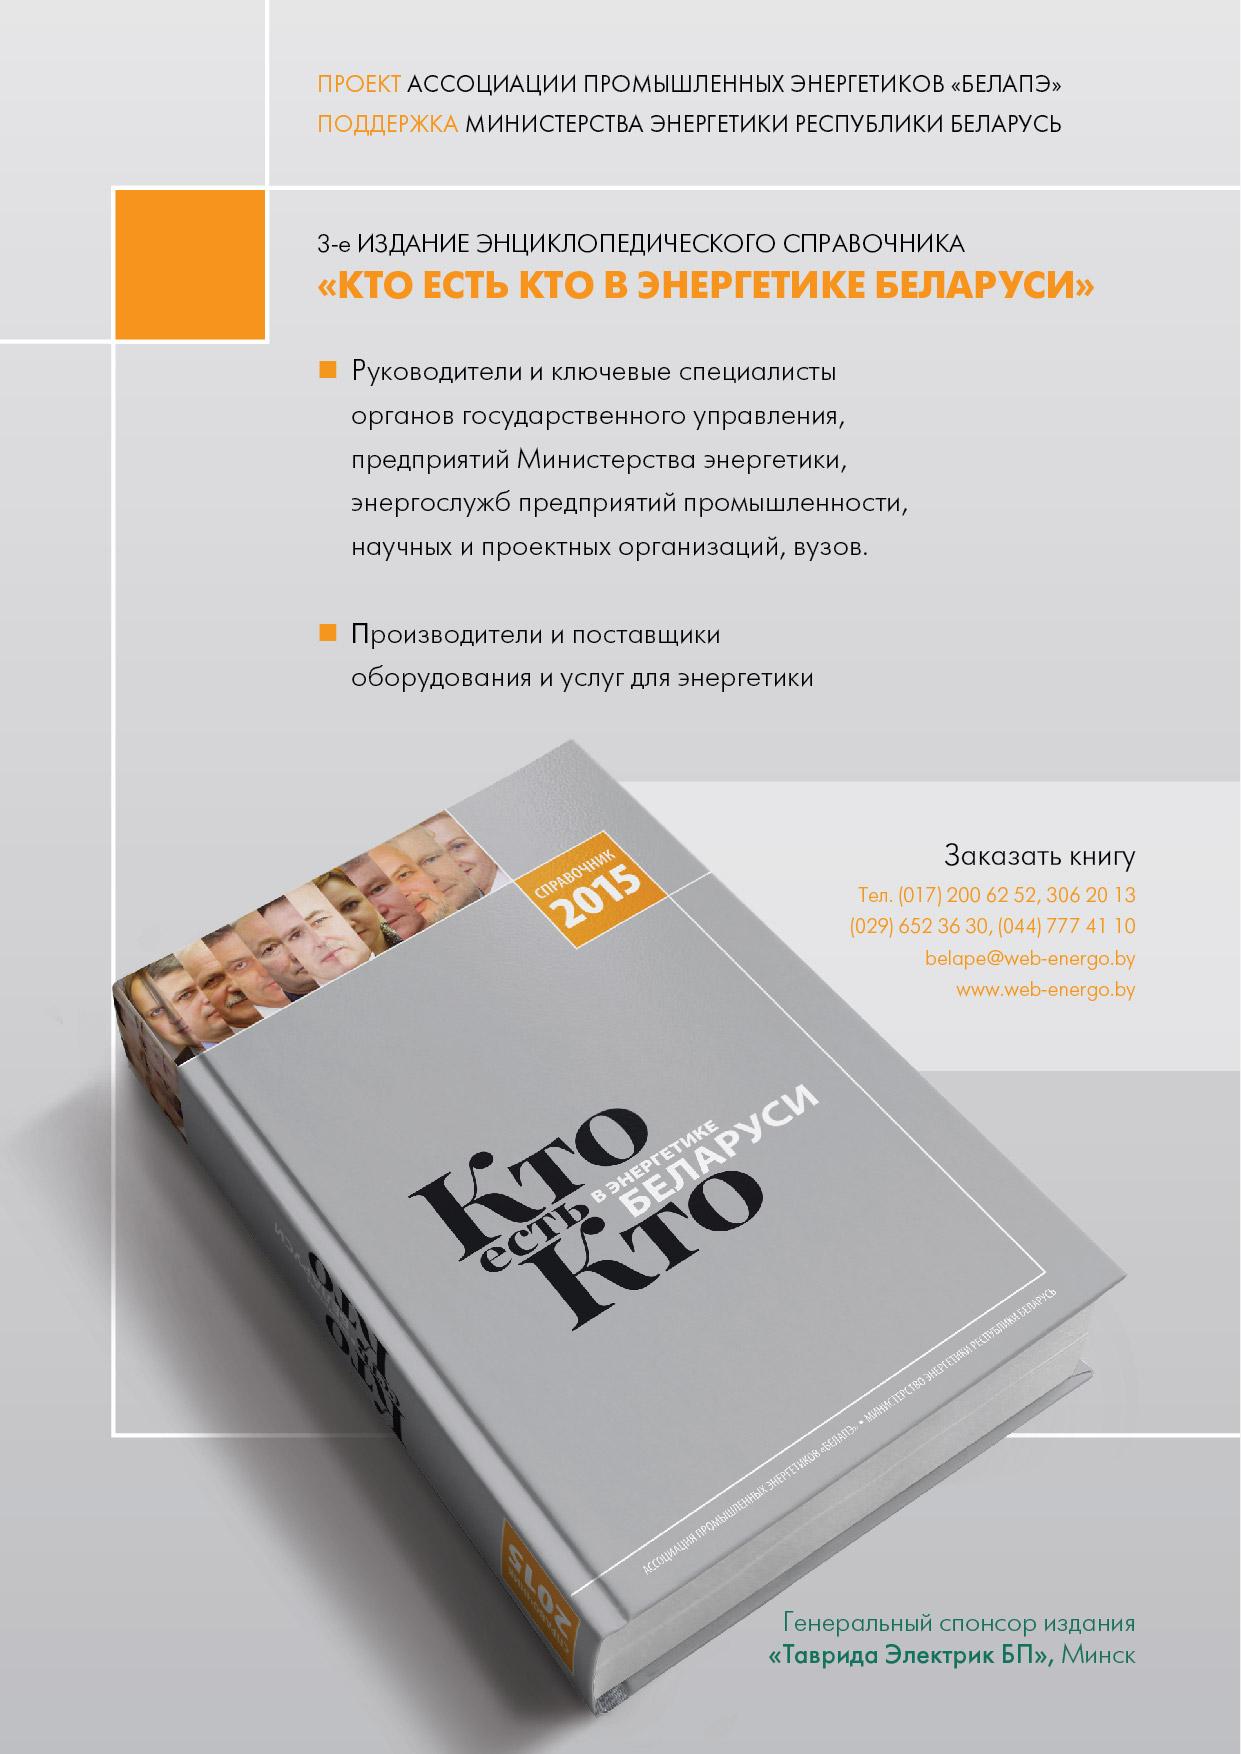 KEK 2015 - Портфолио